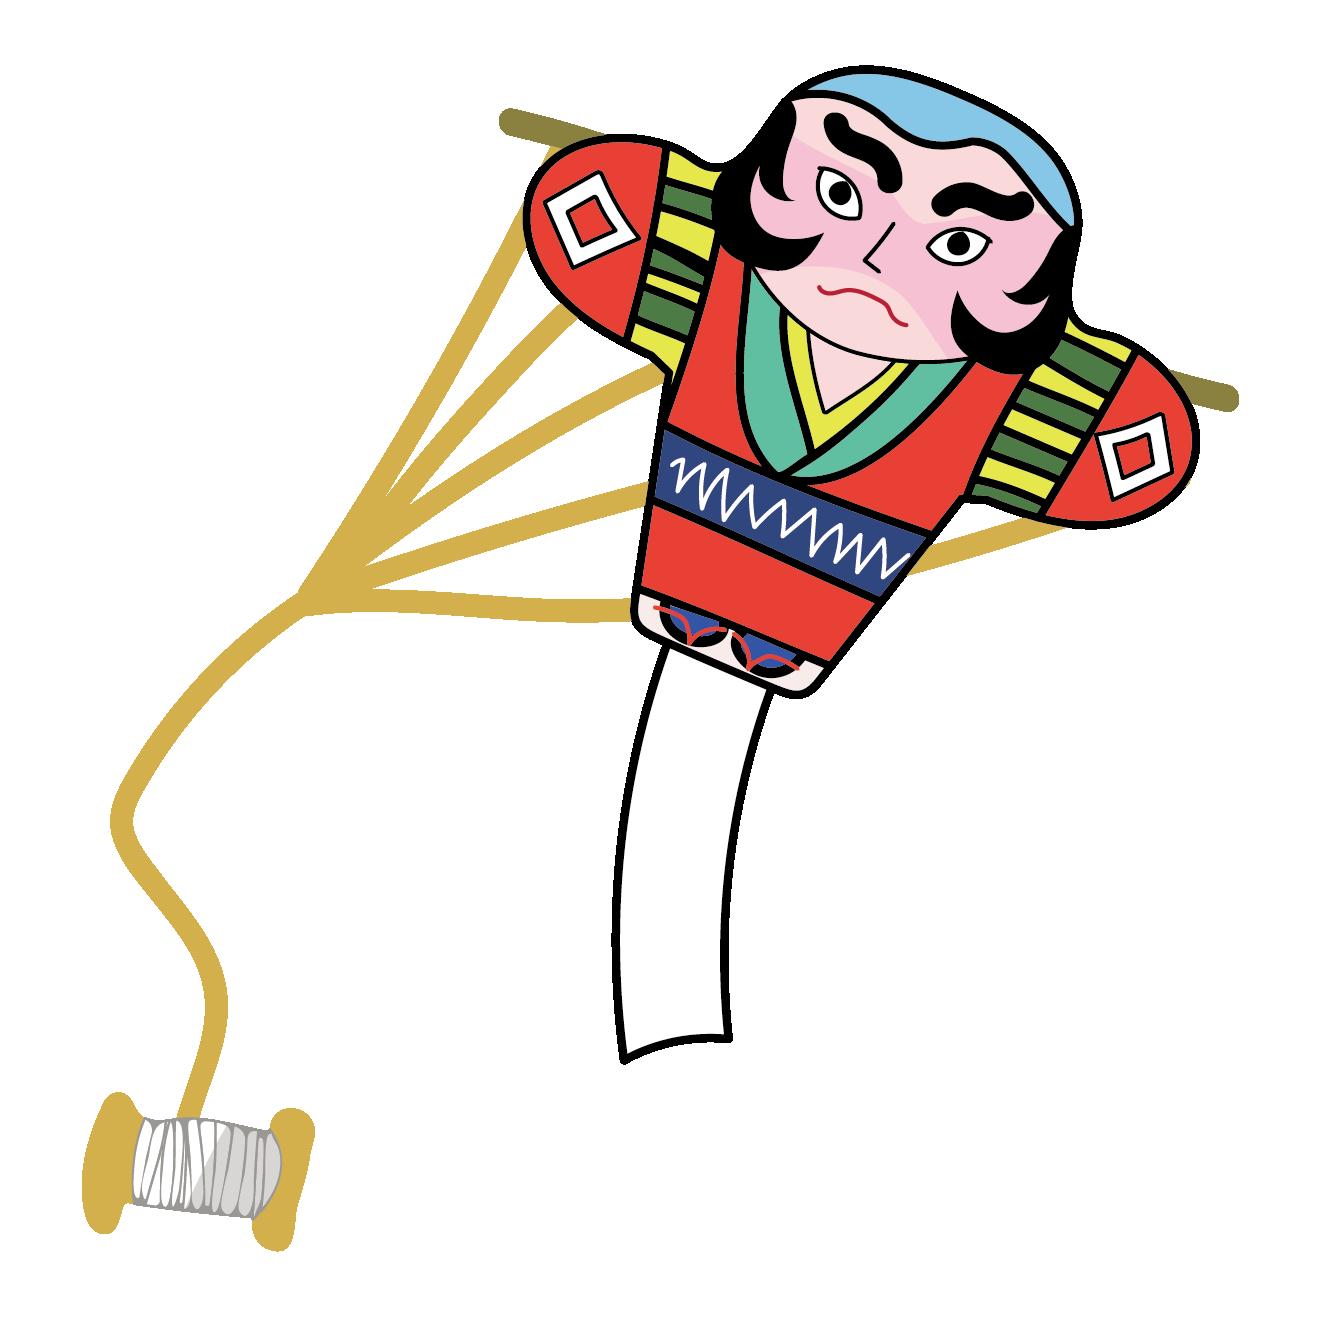 凧(たこ)のイラスト【正月・冬・子供・年賀状】 | 商用フリー(無料